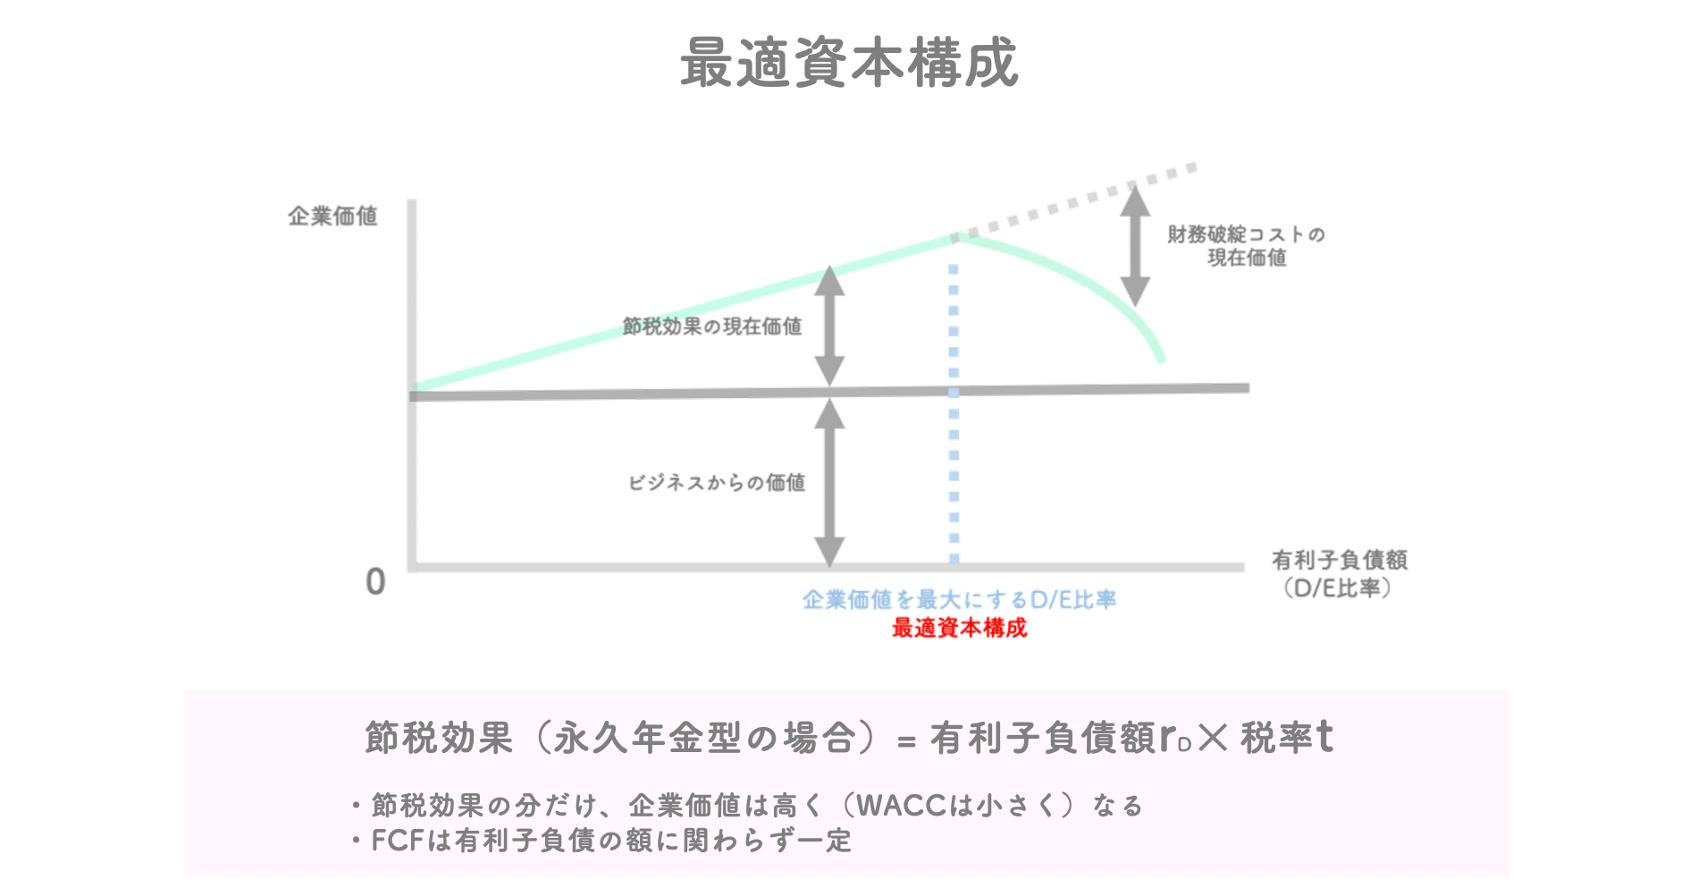 有利子負債コスト、節税効果と最適資本構成【Finance基礎】|Maya 福岡 ...